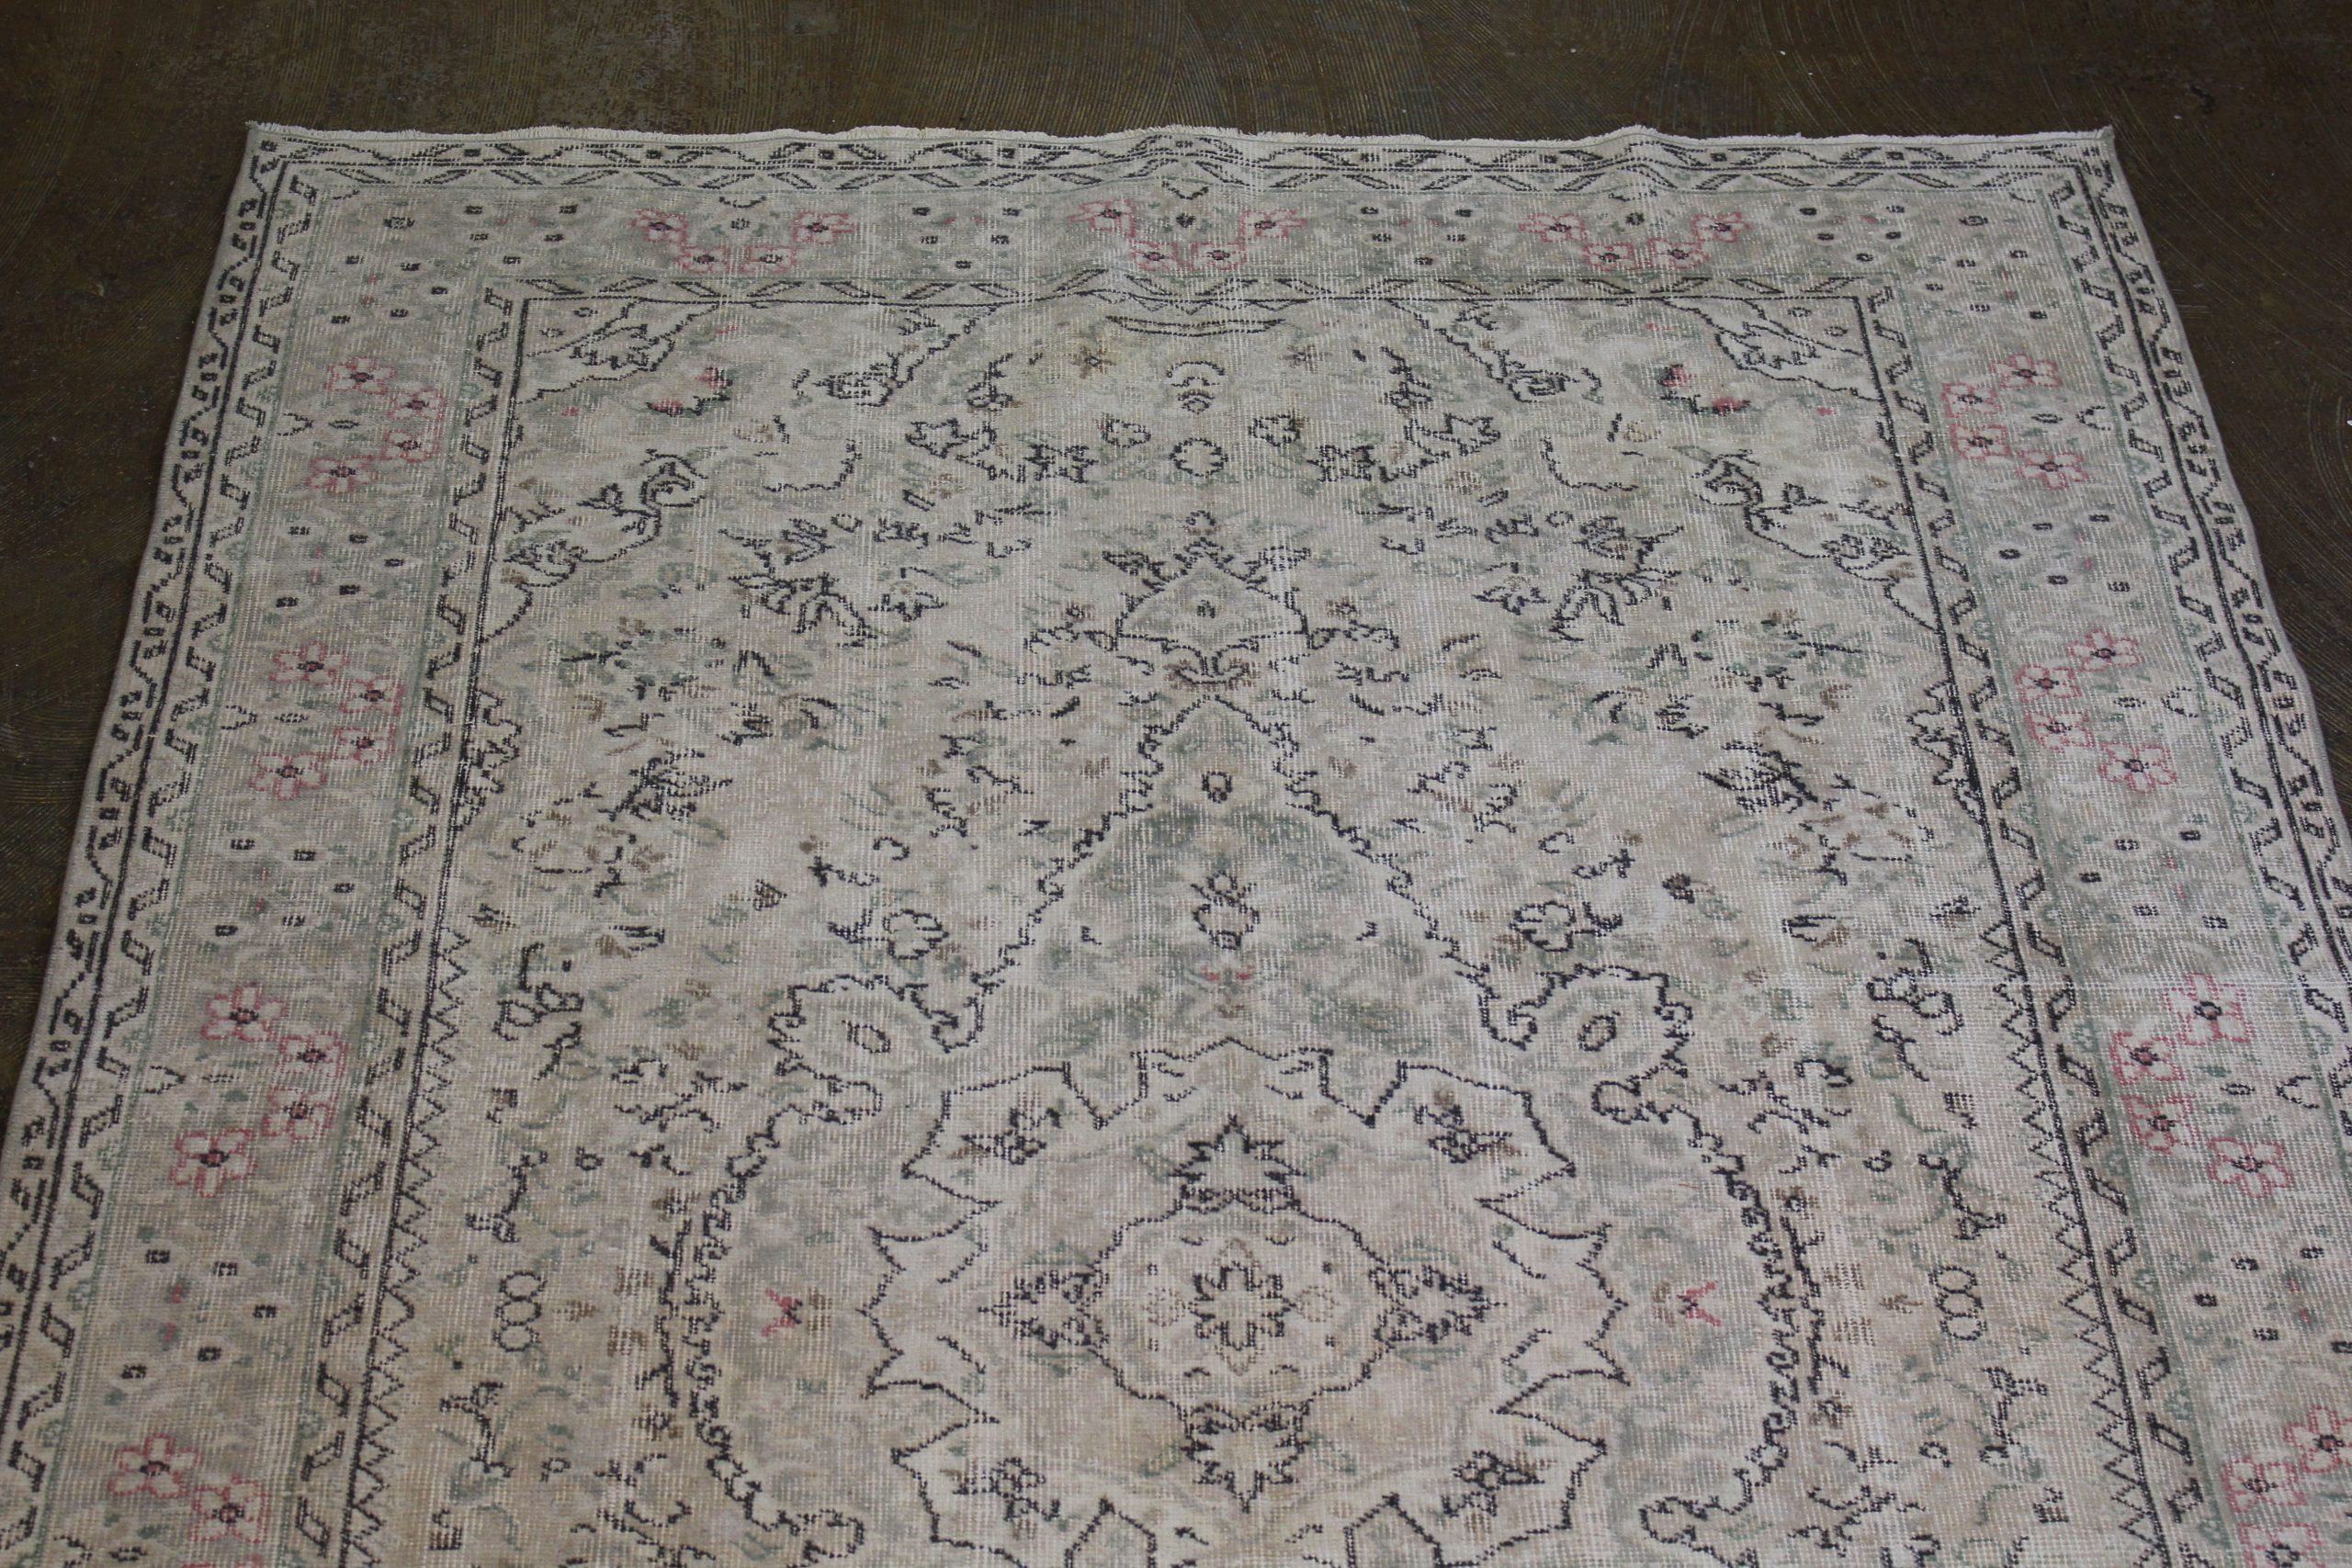 Beigegreenpink Vintage Turkish Area Rug 1.jpg